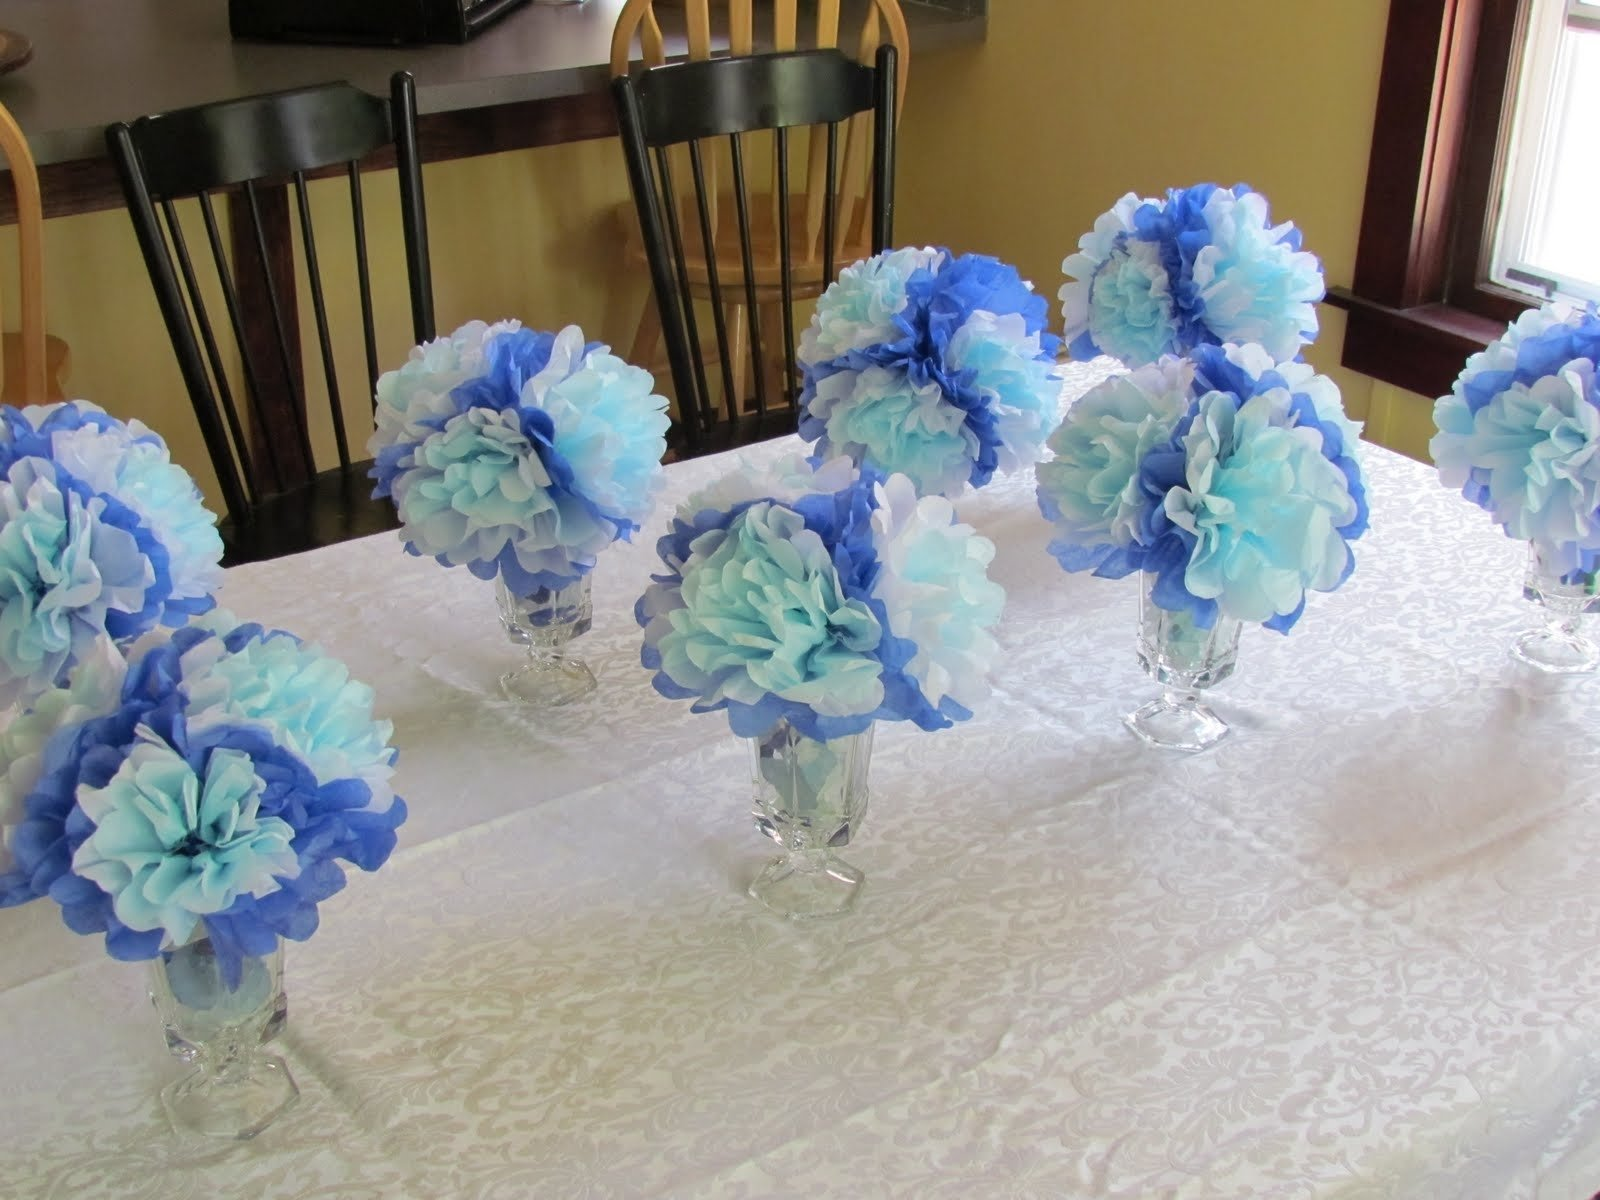 10 Unique Baby Shower Centerpiece Ideas For Boys graceful baby shower decoration ideas for boy 21 homemade boys blue 1 2020